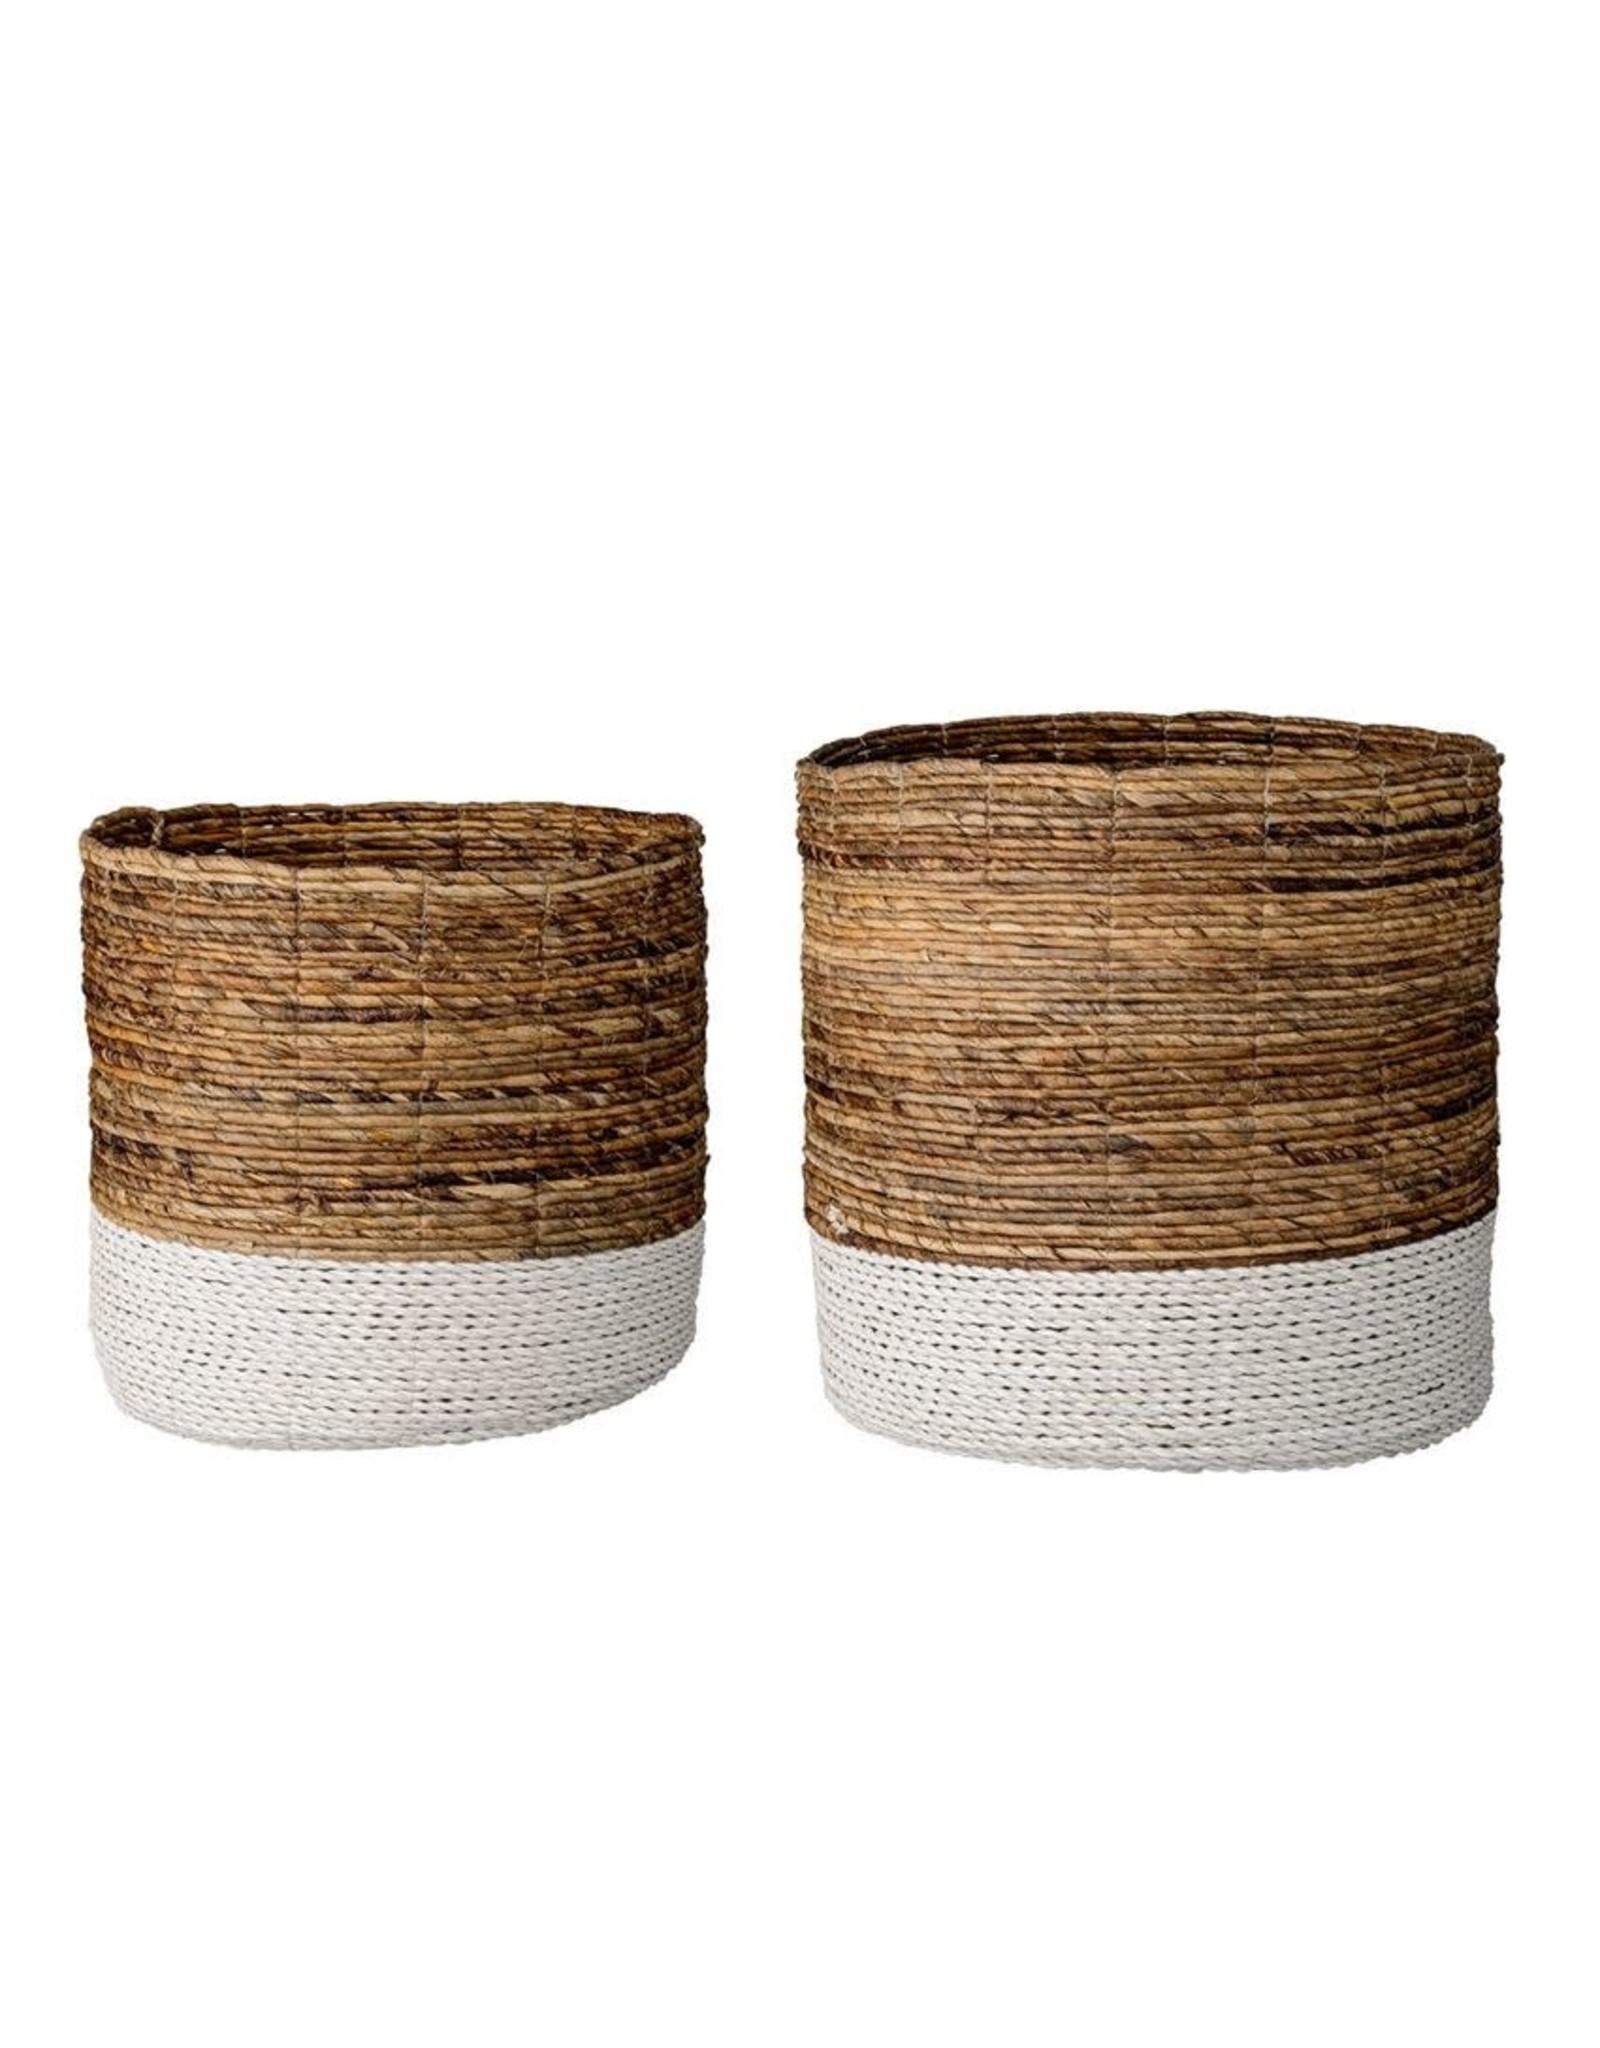 Website Natural Raffia & Banana Leaf Baskets